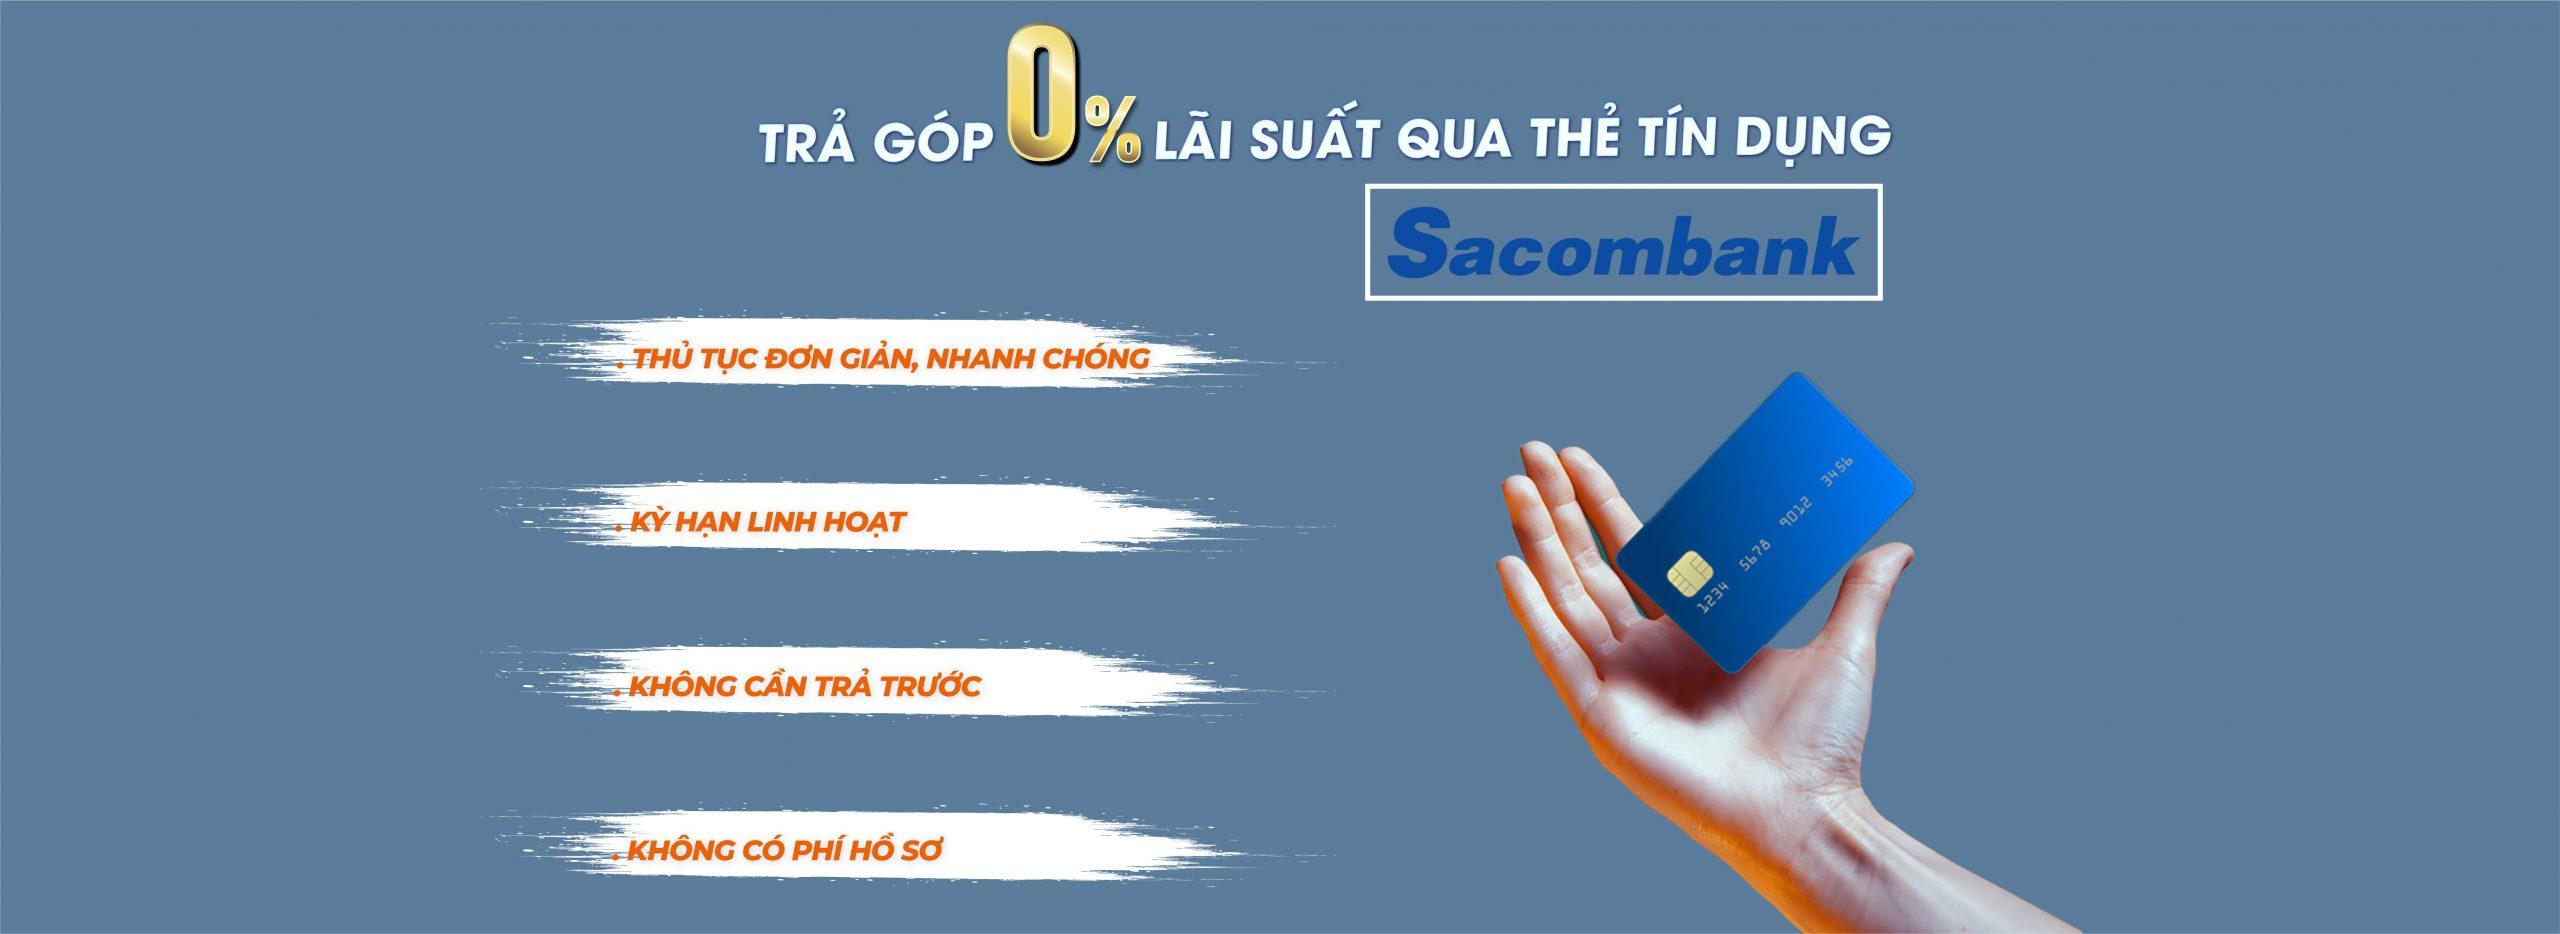 yakyo-trien-khai-tra-gop-qua-the-tin-dung-sacombank-3